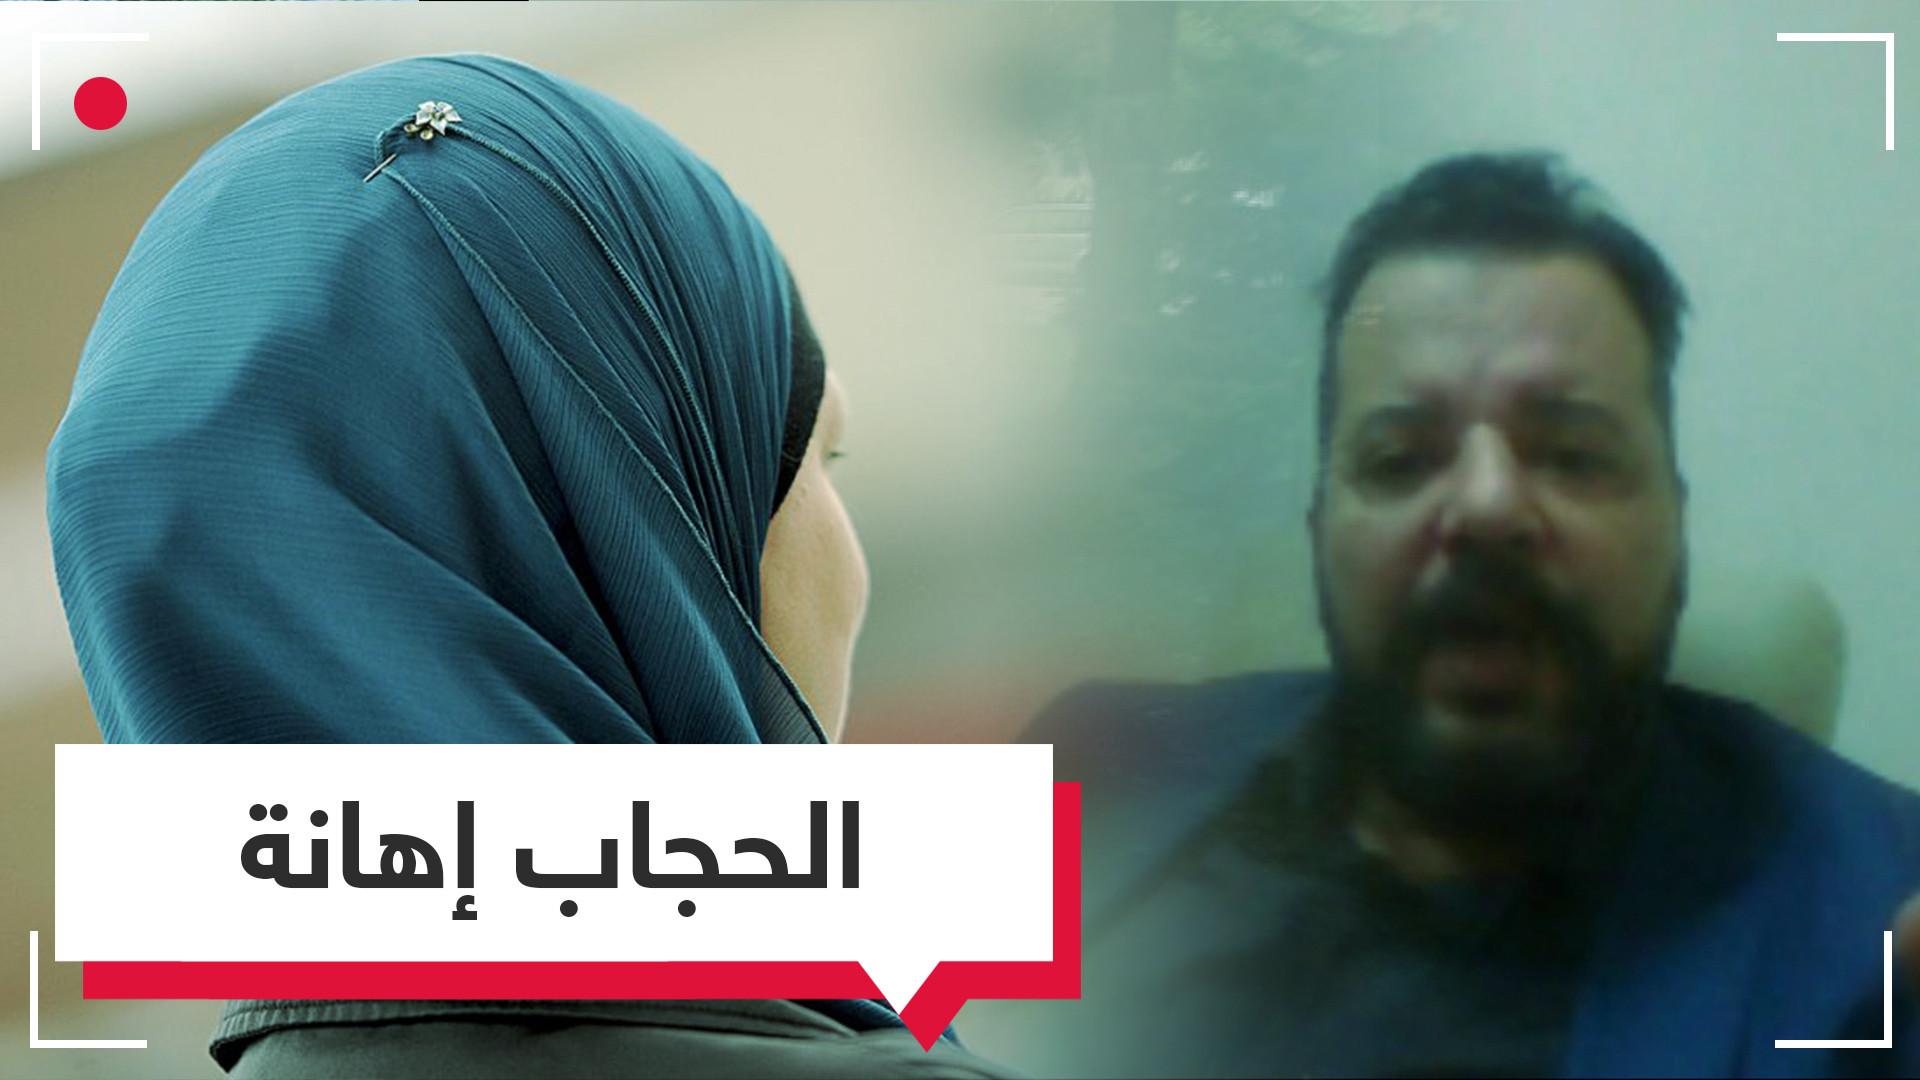 ناشط تونسي يهاجم الإسلام والمحجبات ويطالبهن بالرحيل إلى  السعودية.. شاهد الفيديو